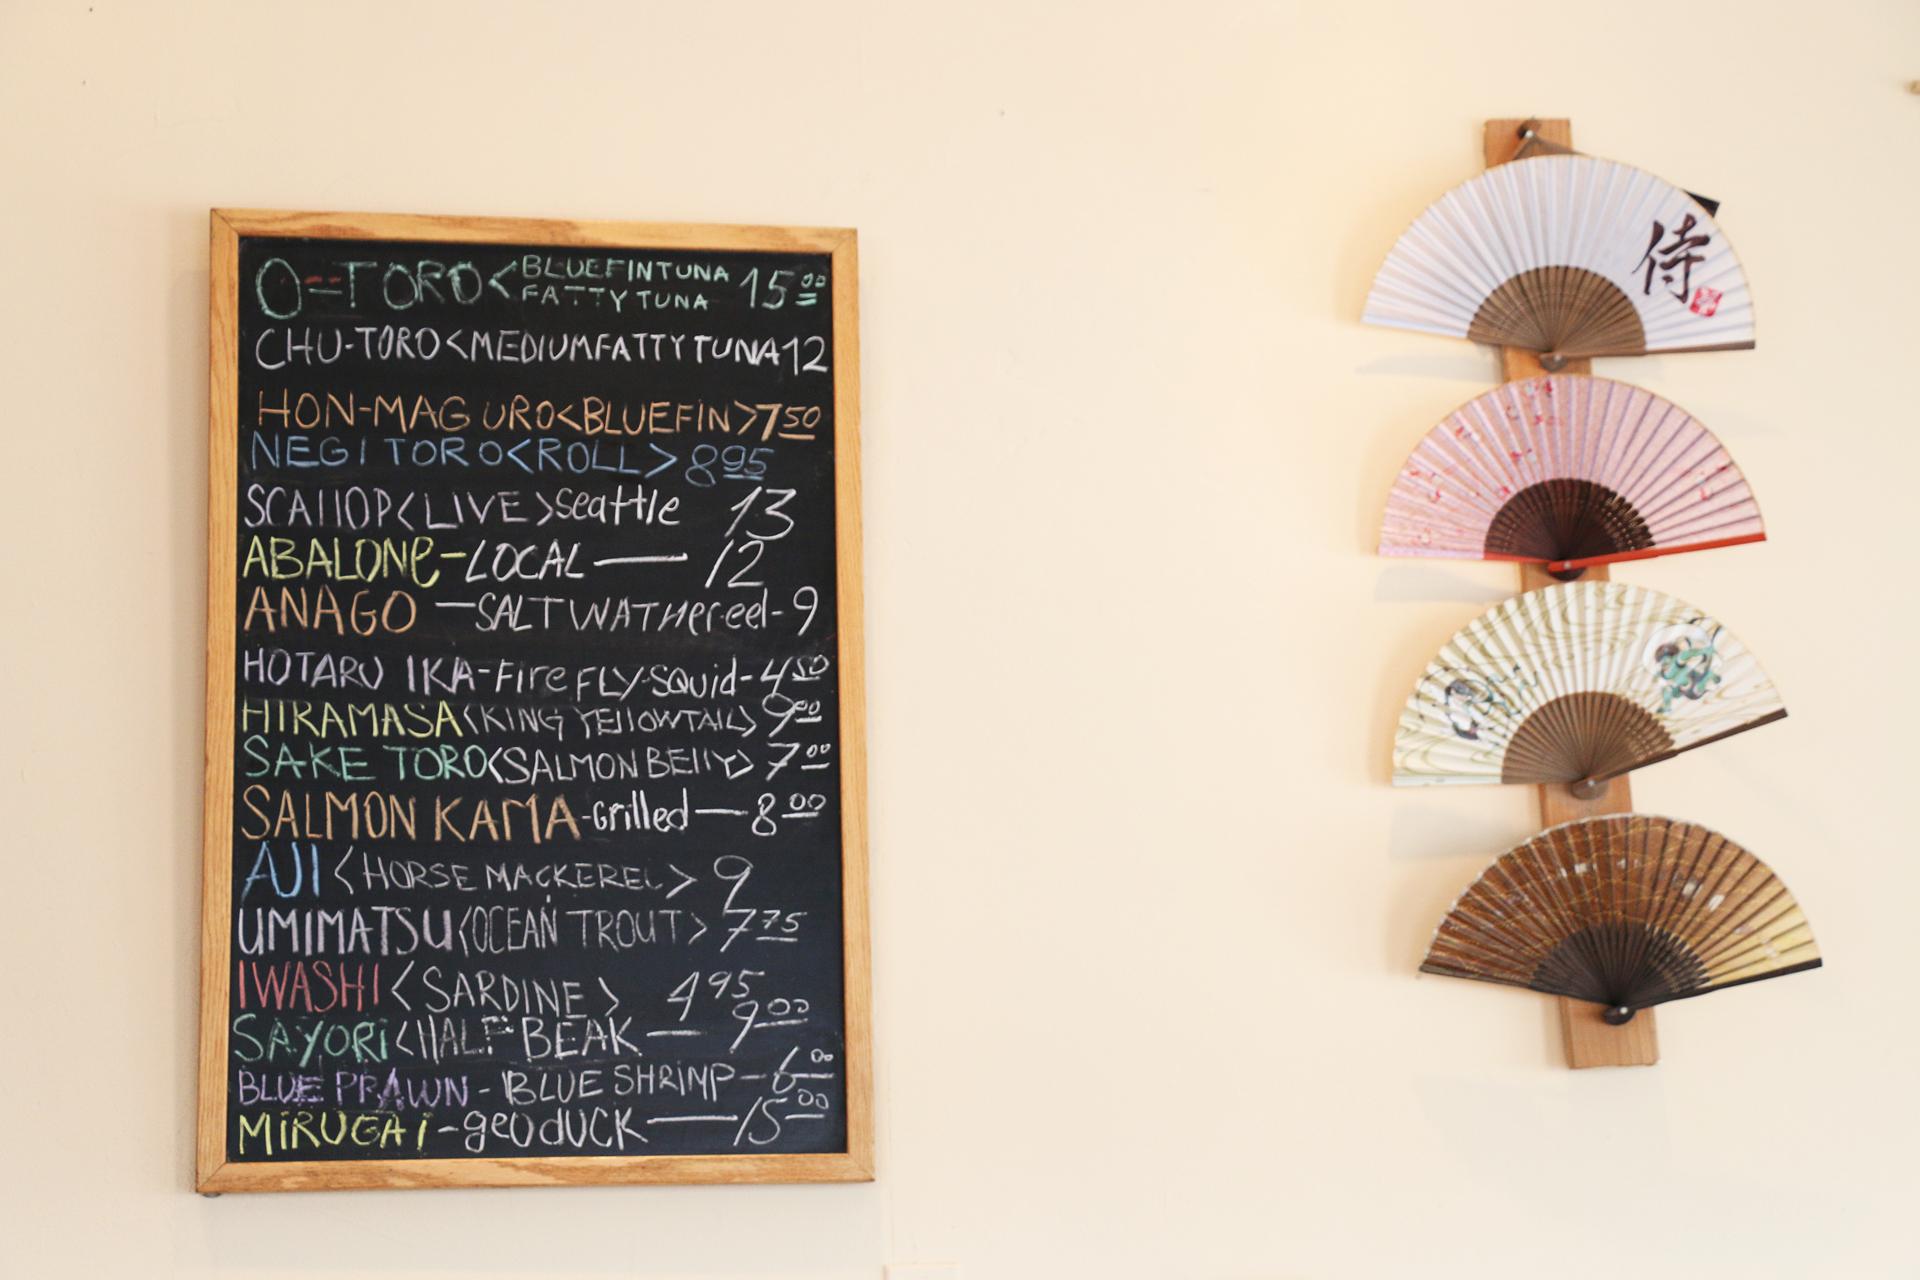 Kiku's menu of daily specials.